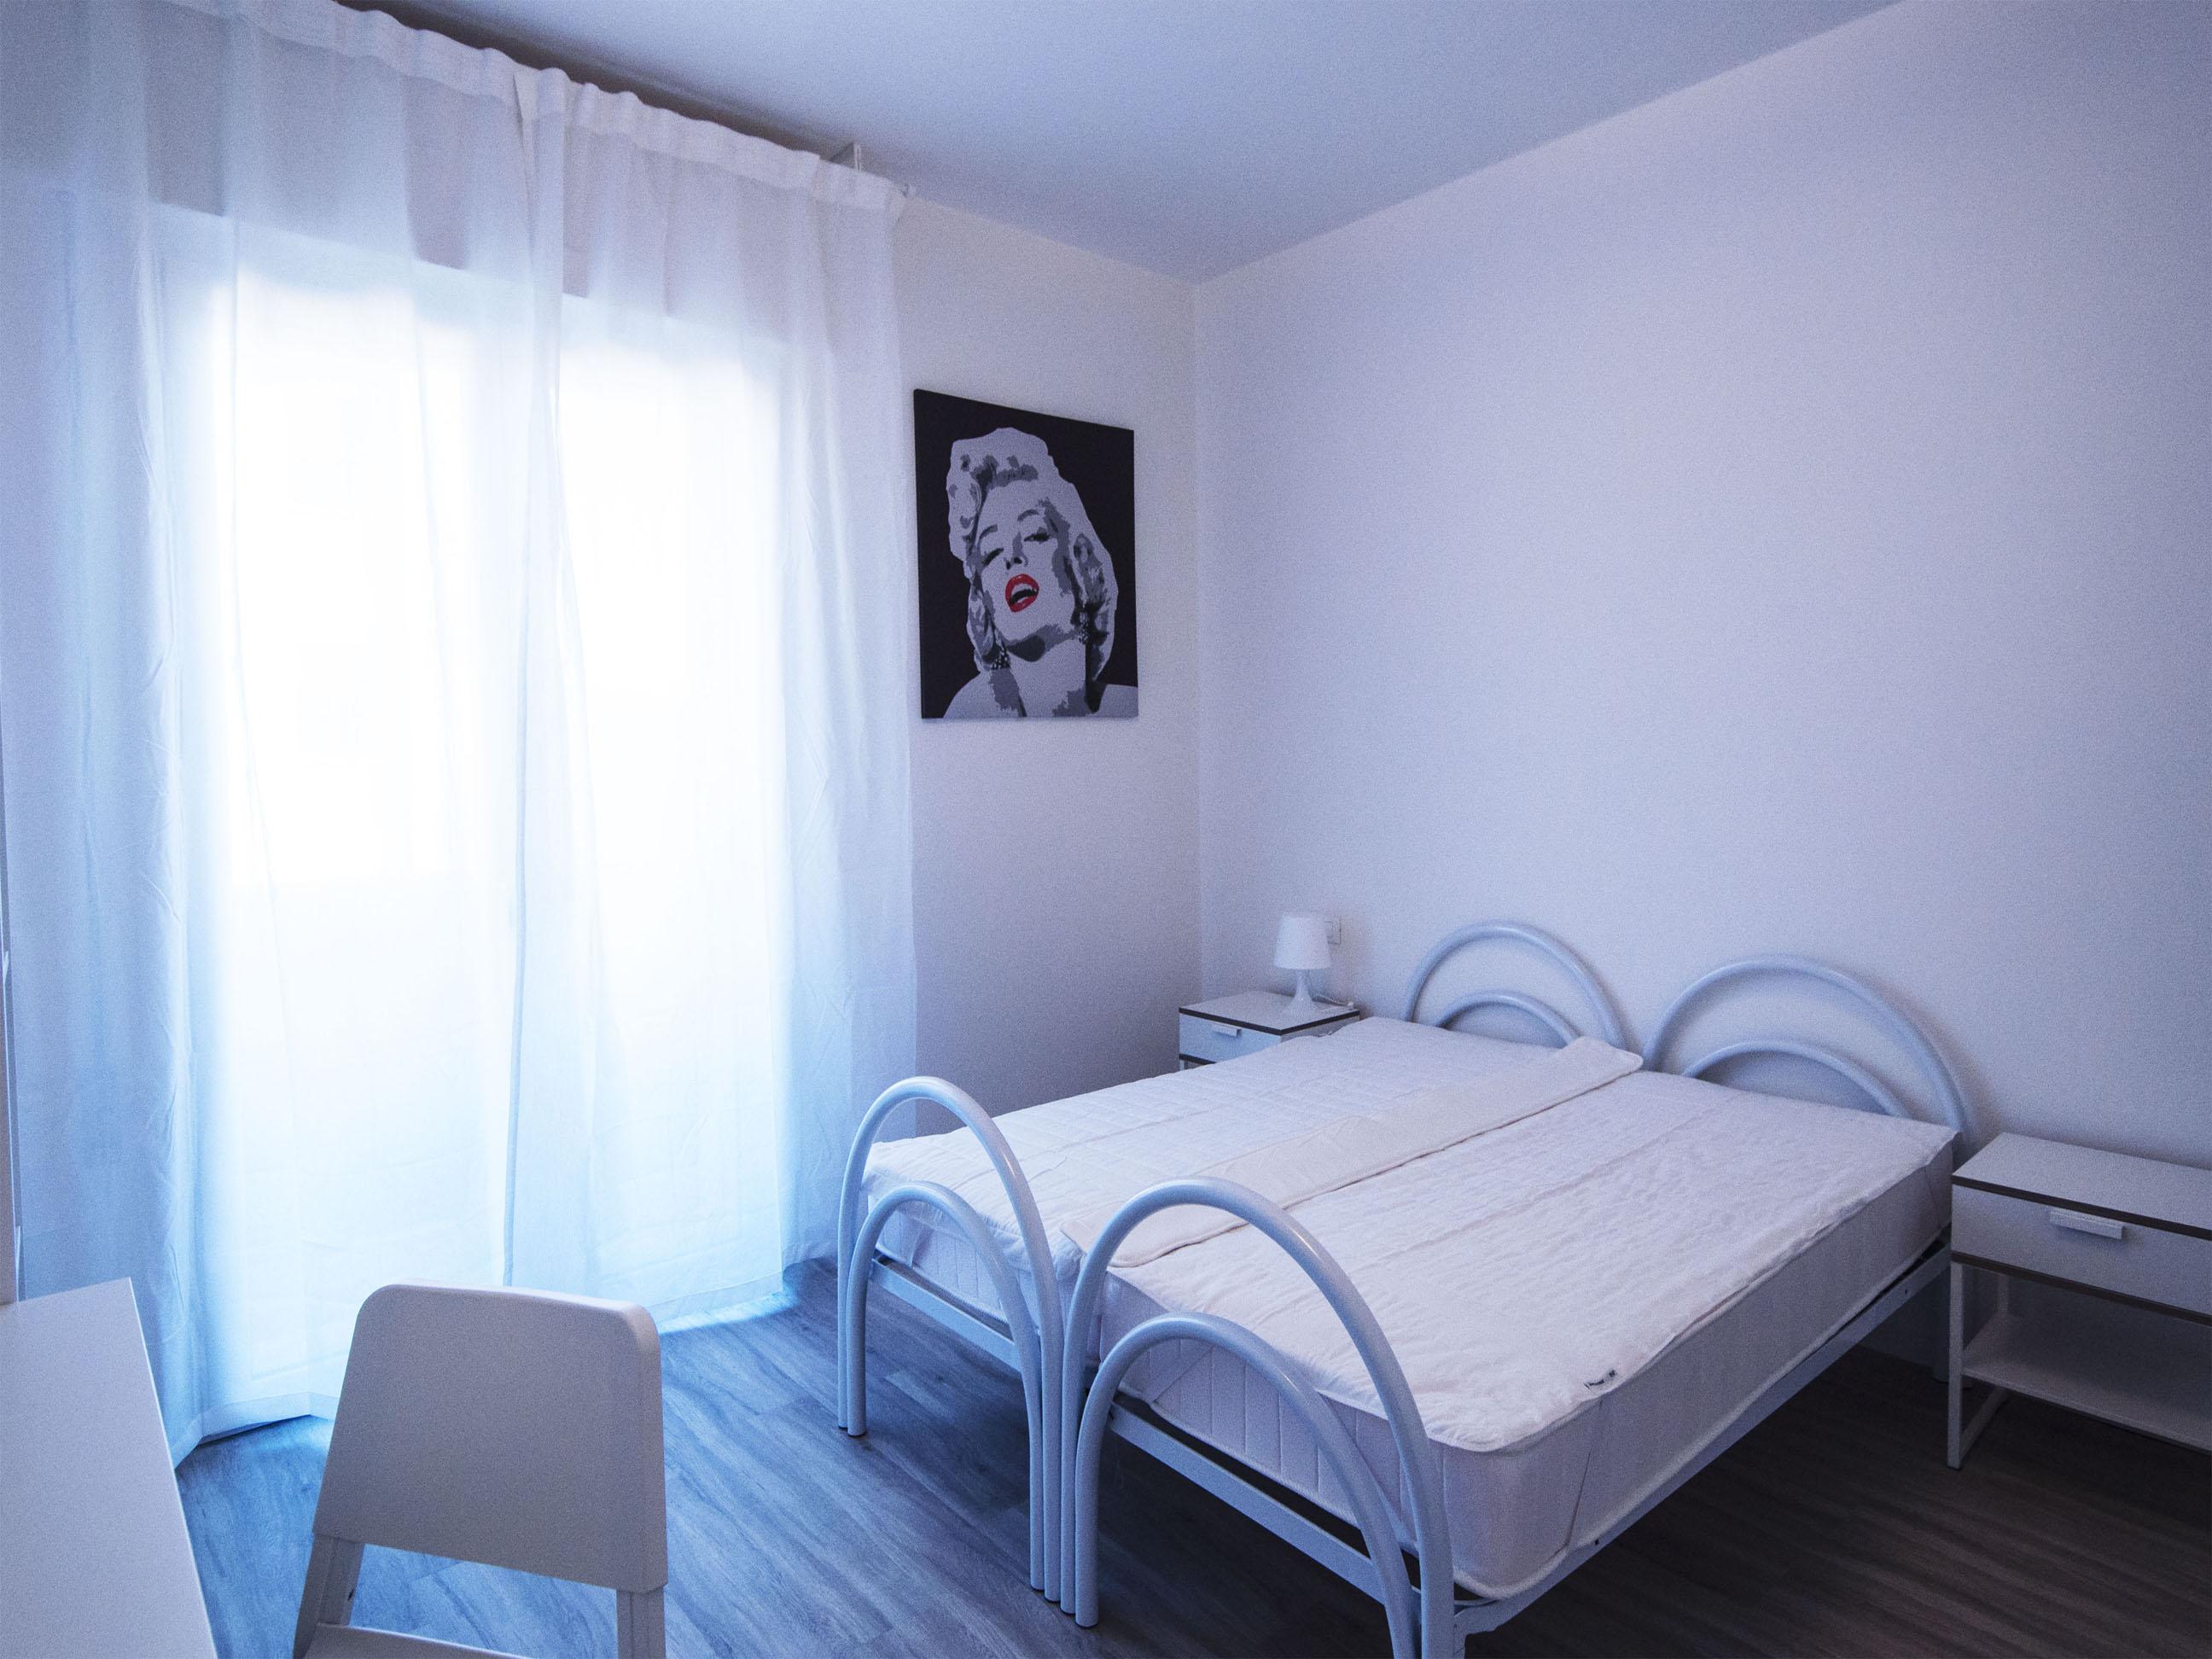 Treviso - Camere in Affitto - San Zeno - Studio Architettura Zanatta 13